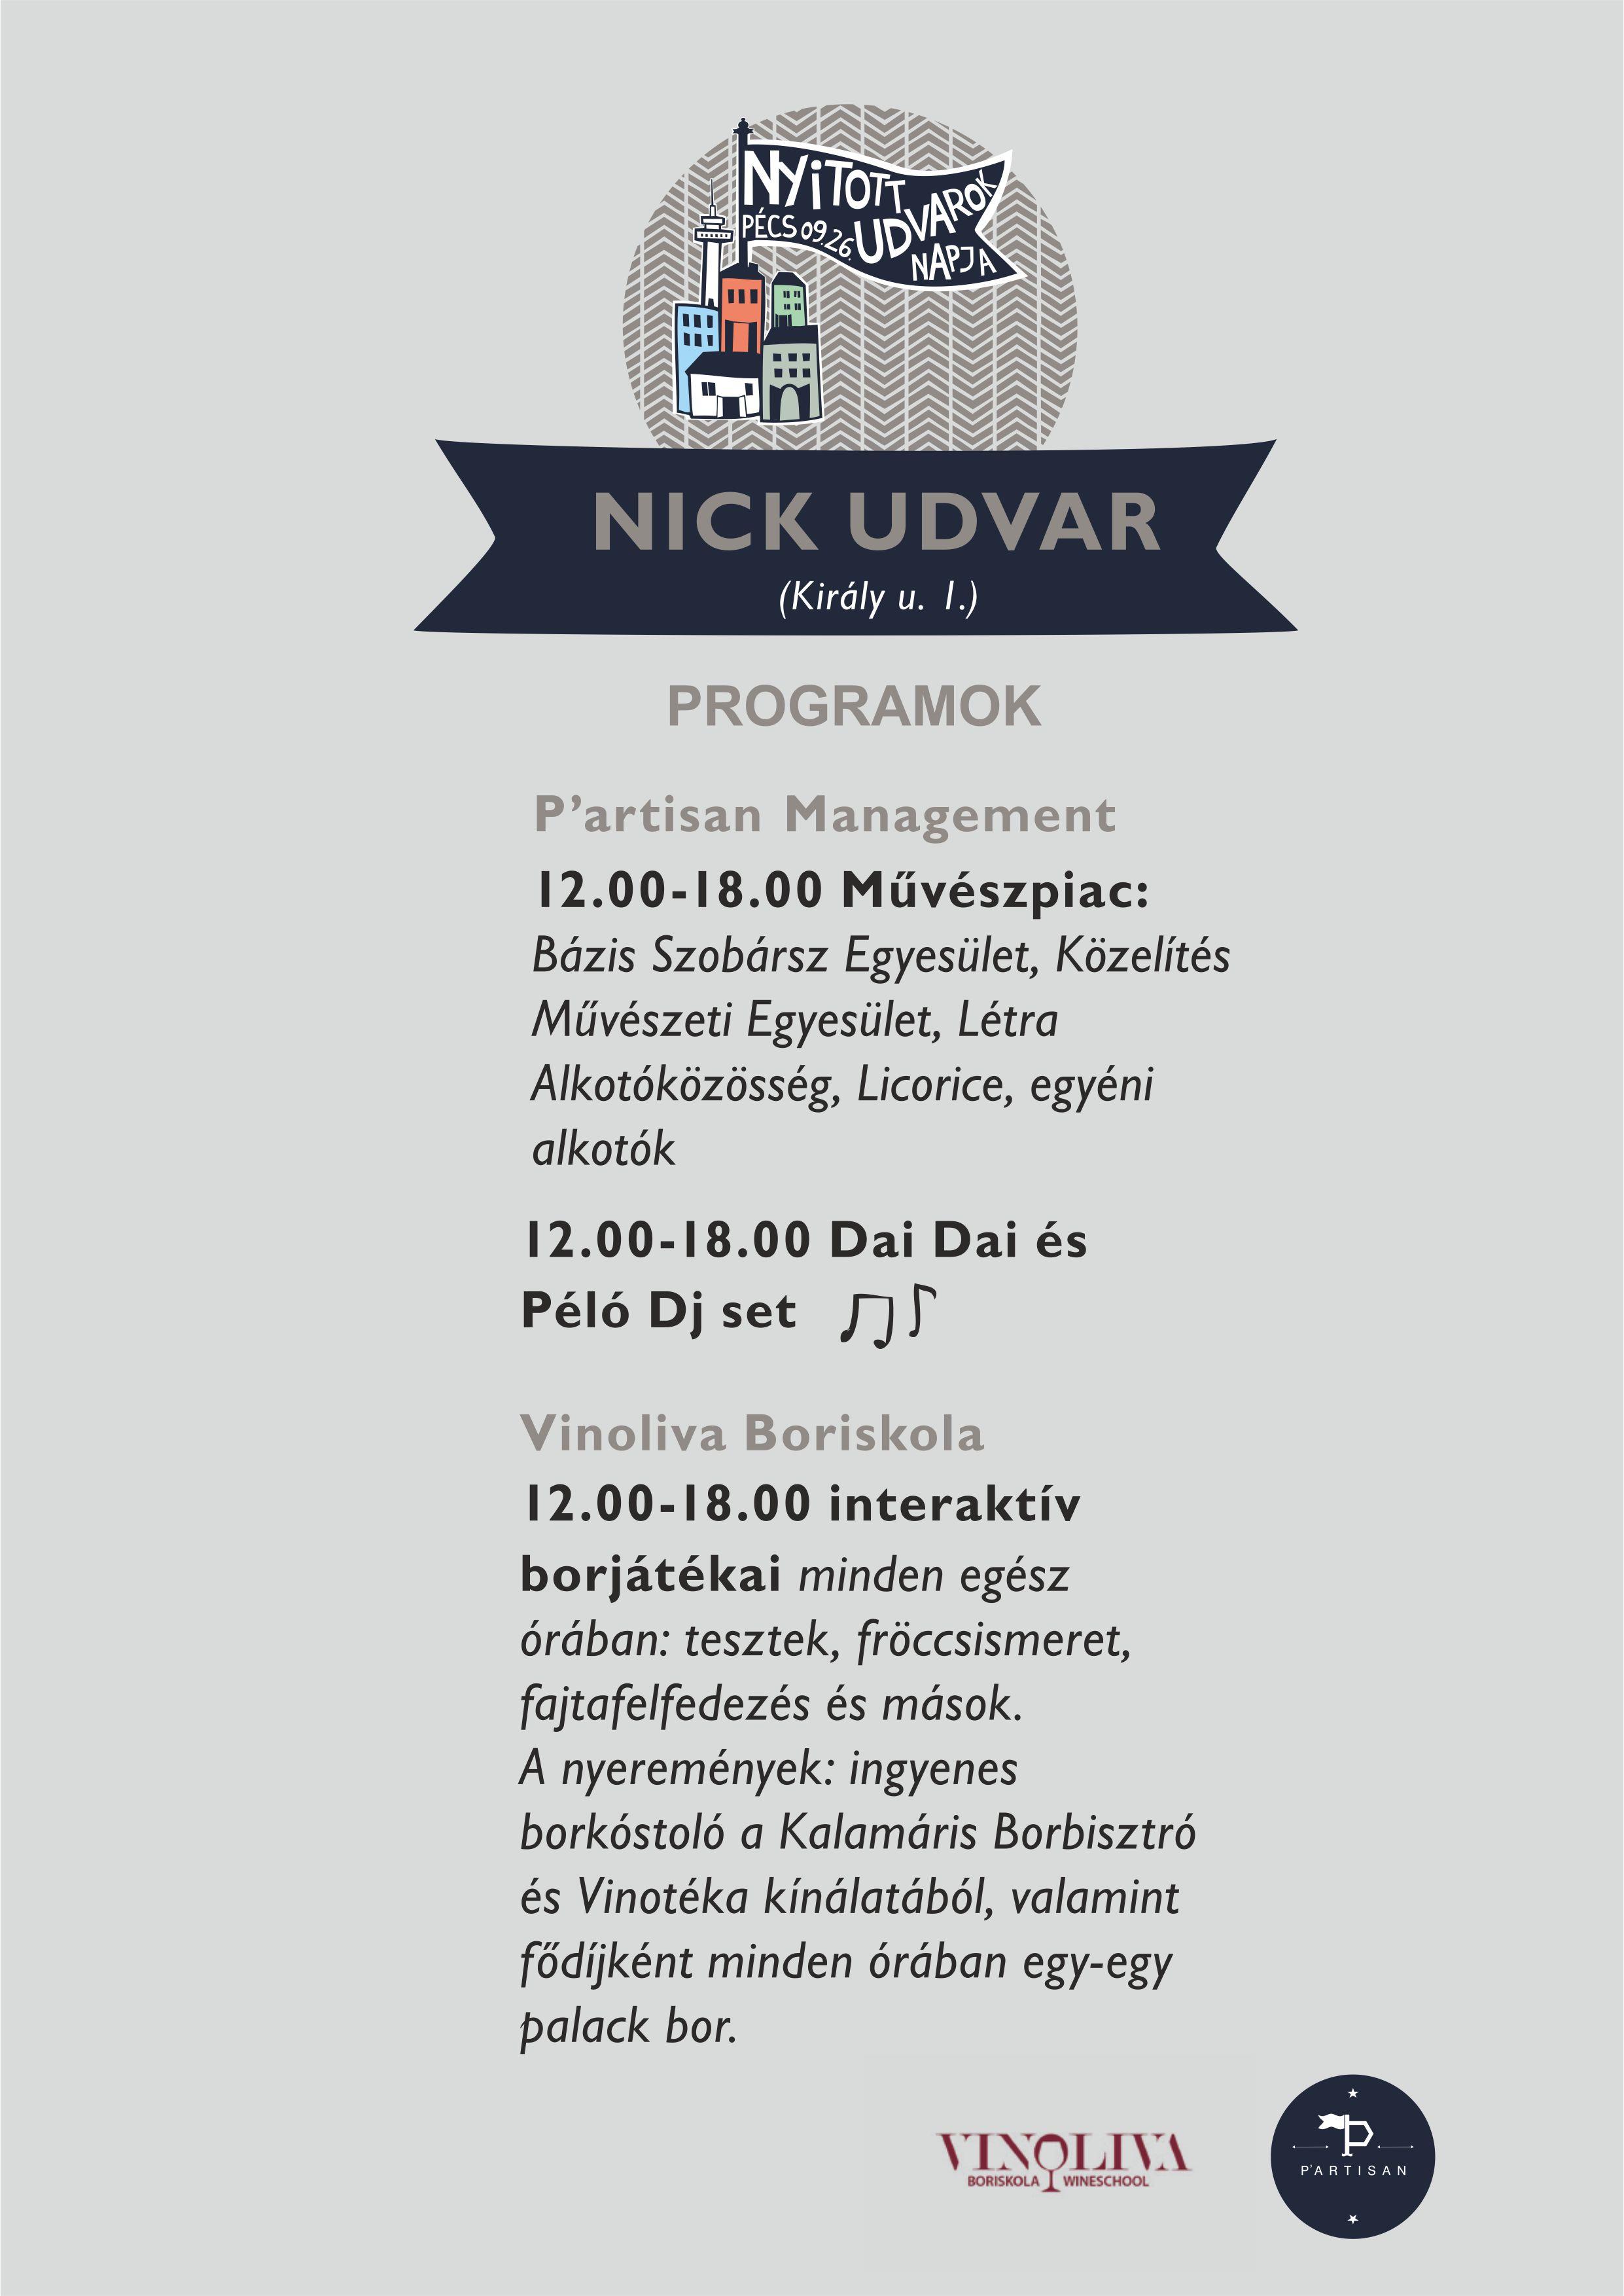 nyun_program_reszletes_nick.jpg